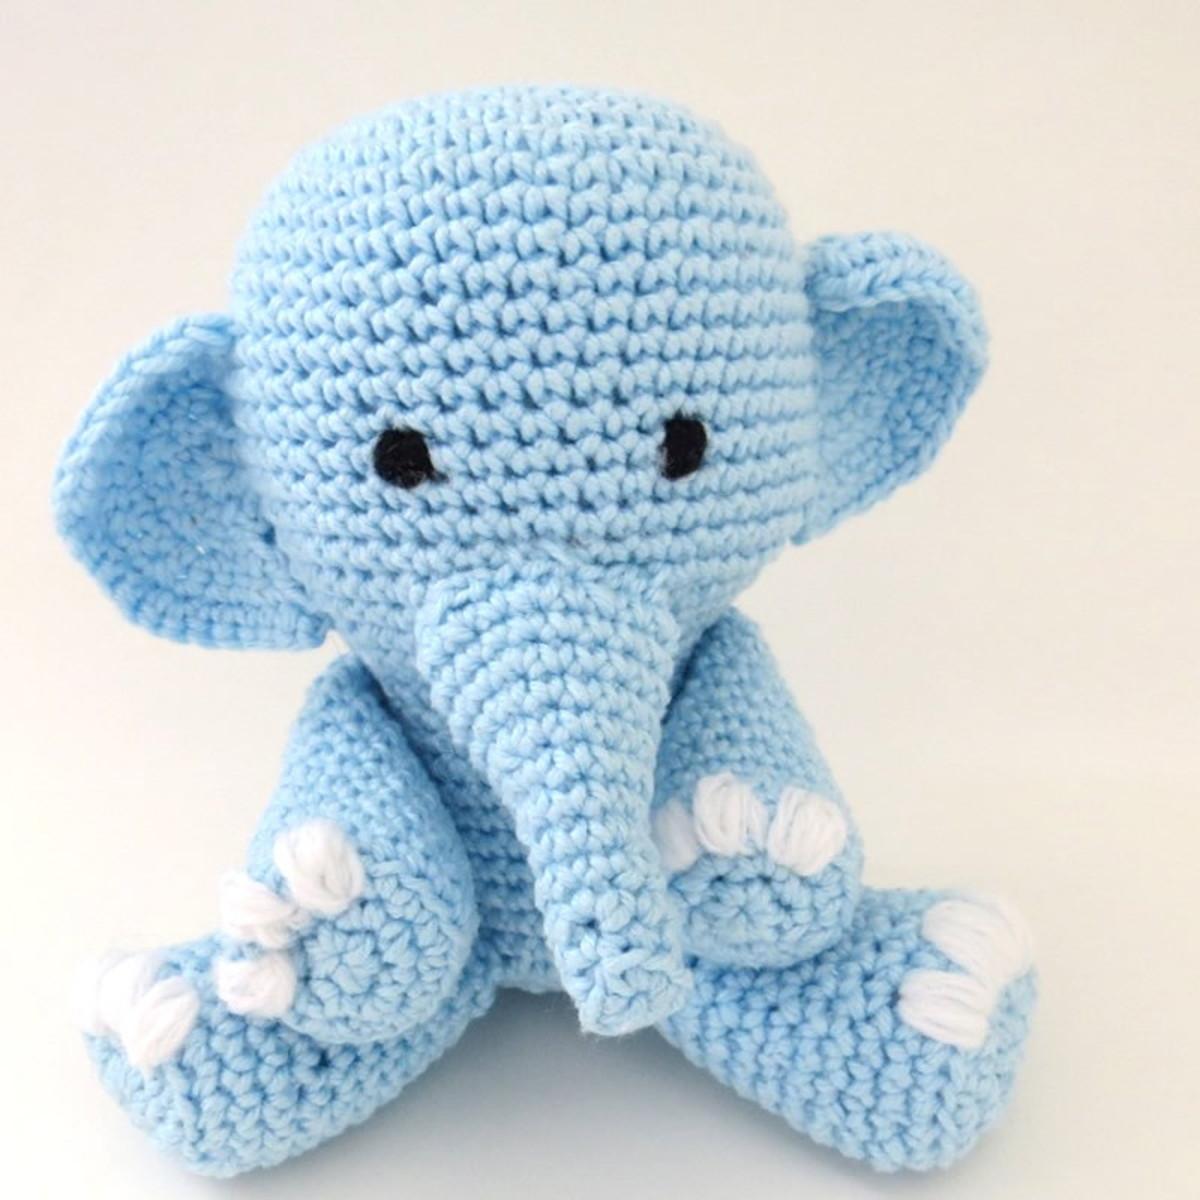 Pin de Crochê Da Neca em Amigurumi | Elefante de crochê, Padrões ... | 1200x1200